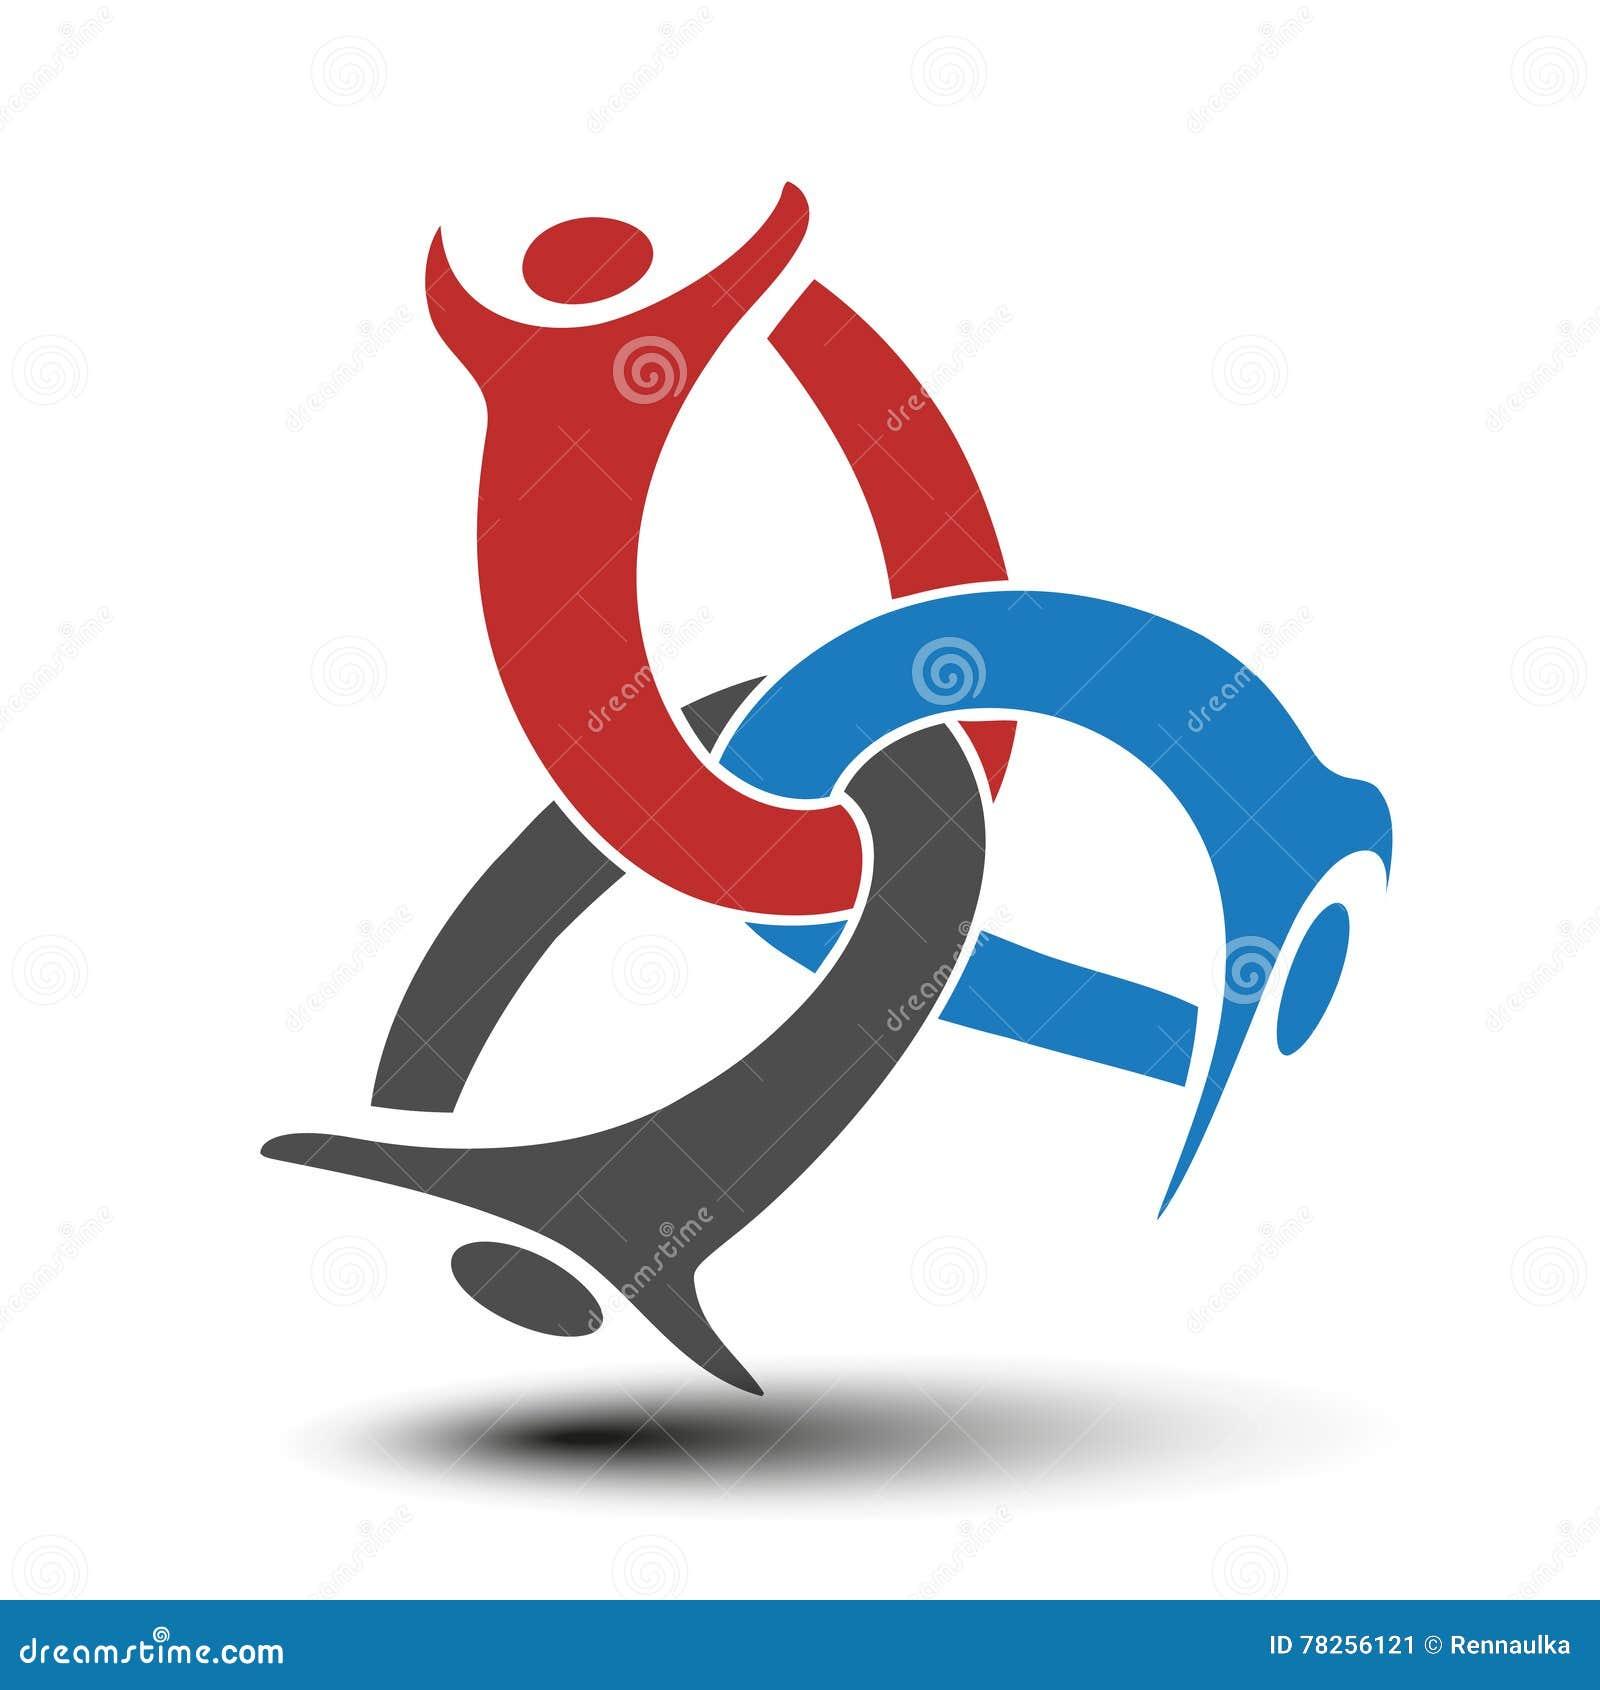 Μαζί ενωμένο εικονίδιο ανθρώπων Κόκκινο, μπλε και γκρίζο κοινοτικό σύμβολο Ανθρώπινο σημάδι τριών συνεργατών Το Silhouttes του σώ